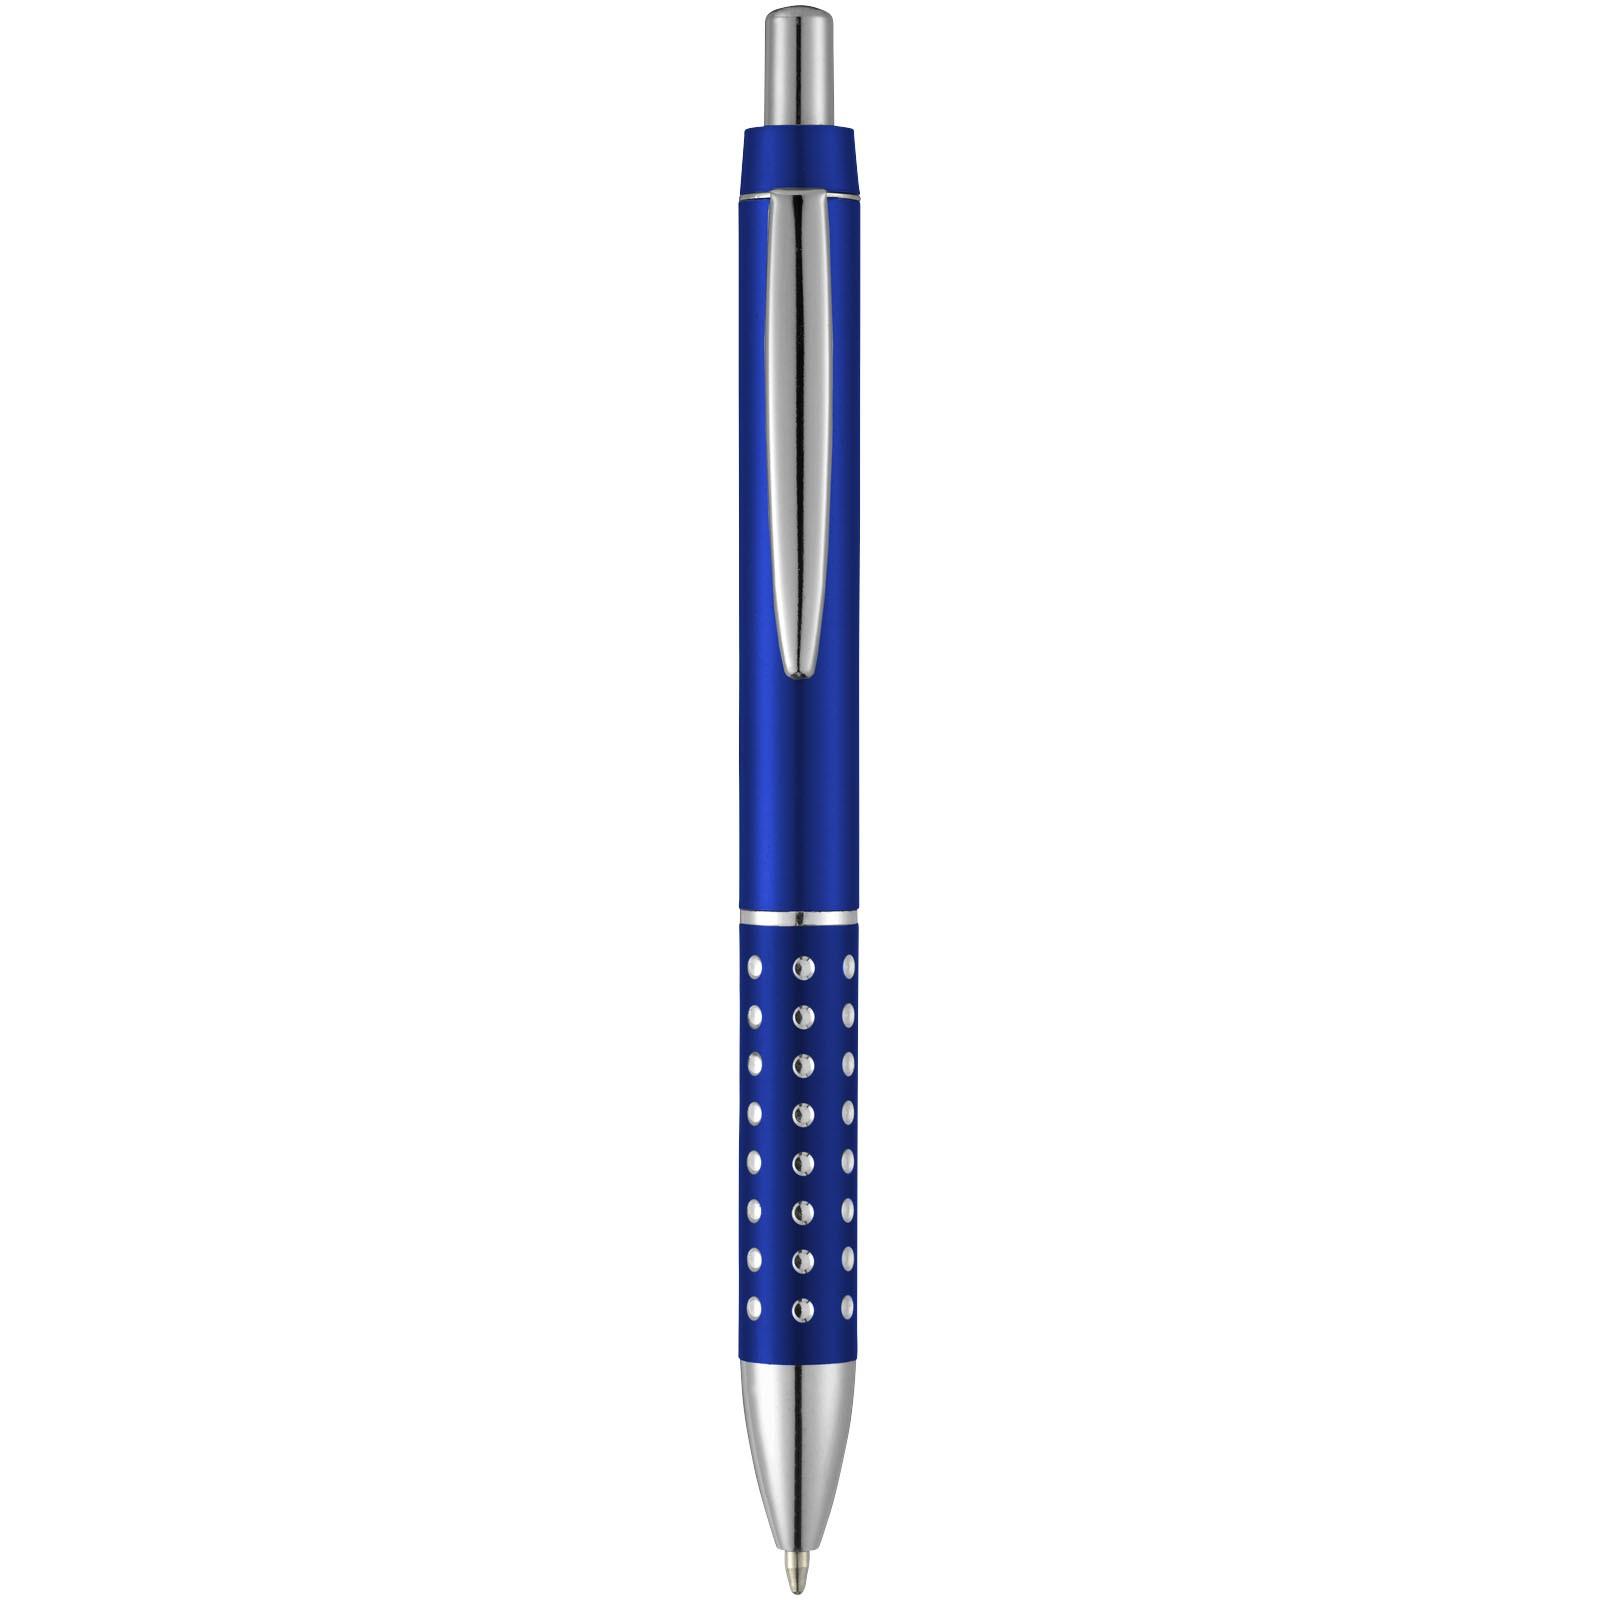 Kuličkové pero Bling s hliníkovým úchopem - Světle modrá